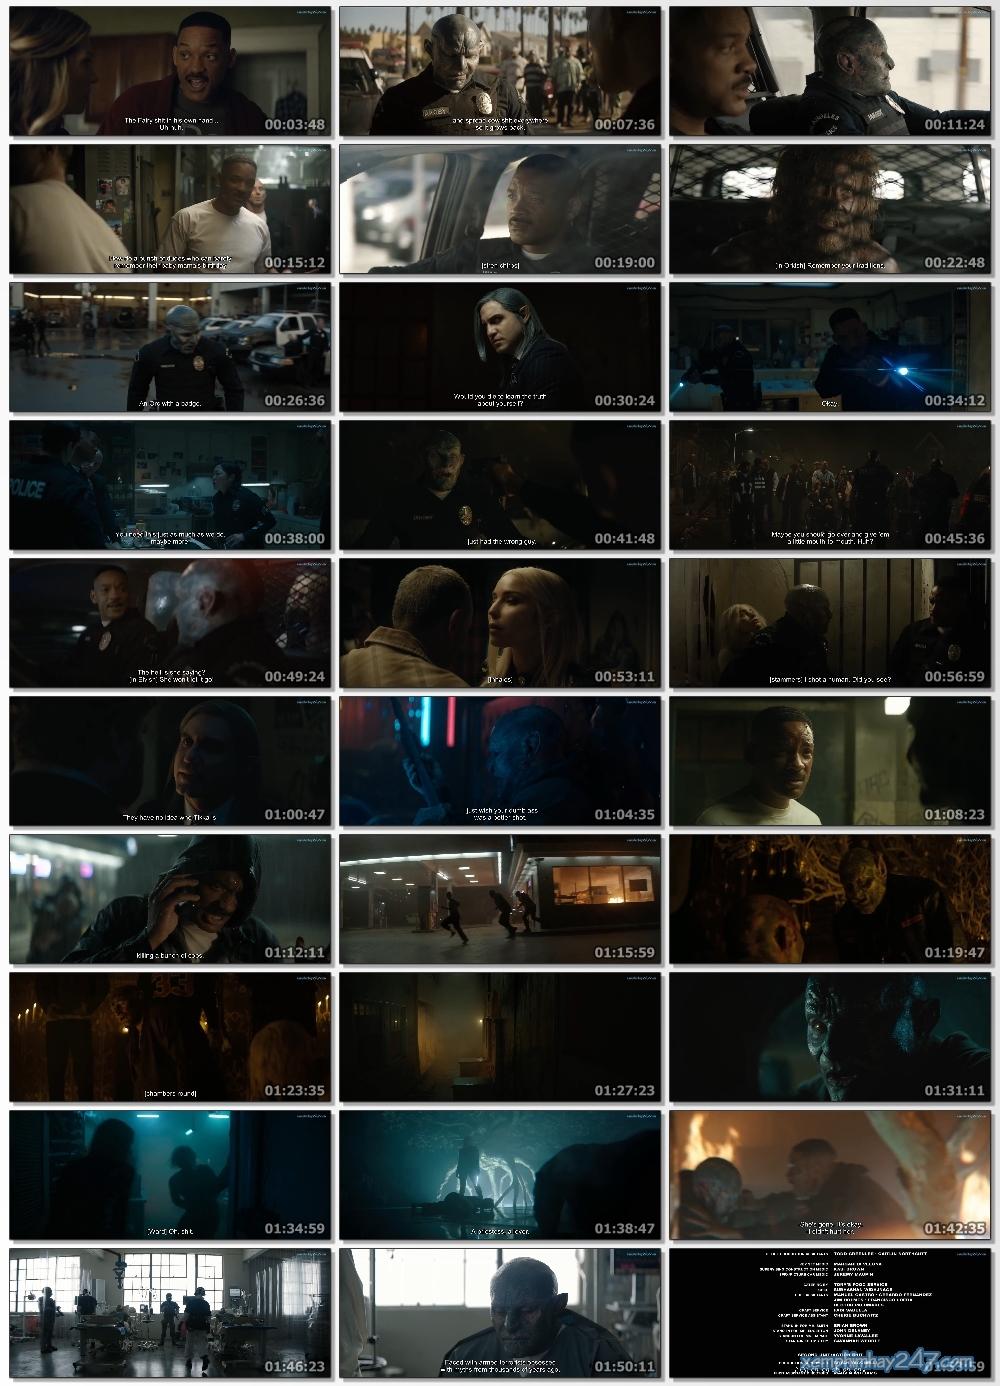 http://xemphimhay247.com - Xem phim hay 247 - Chiếc Đũa Quyền Năng (2017) - Bright (2017)